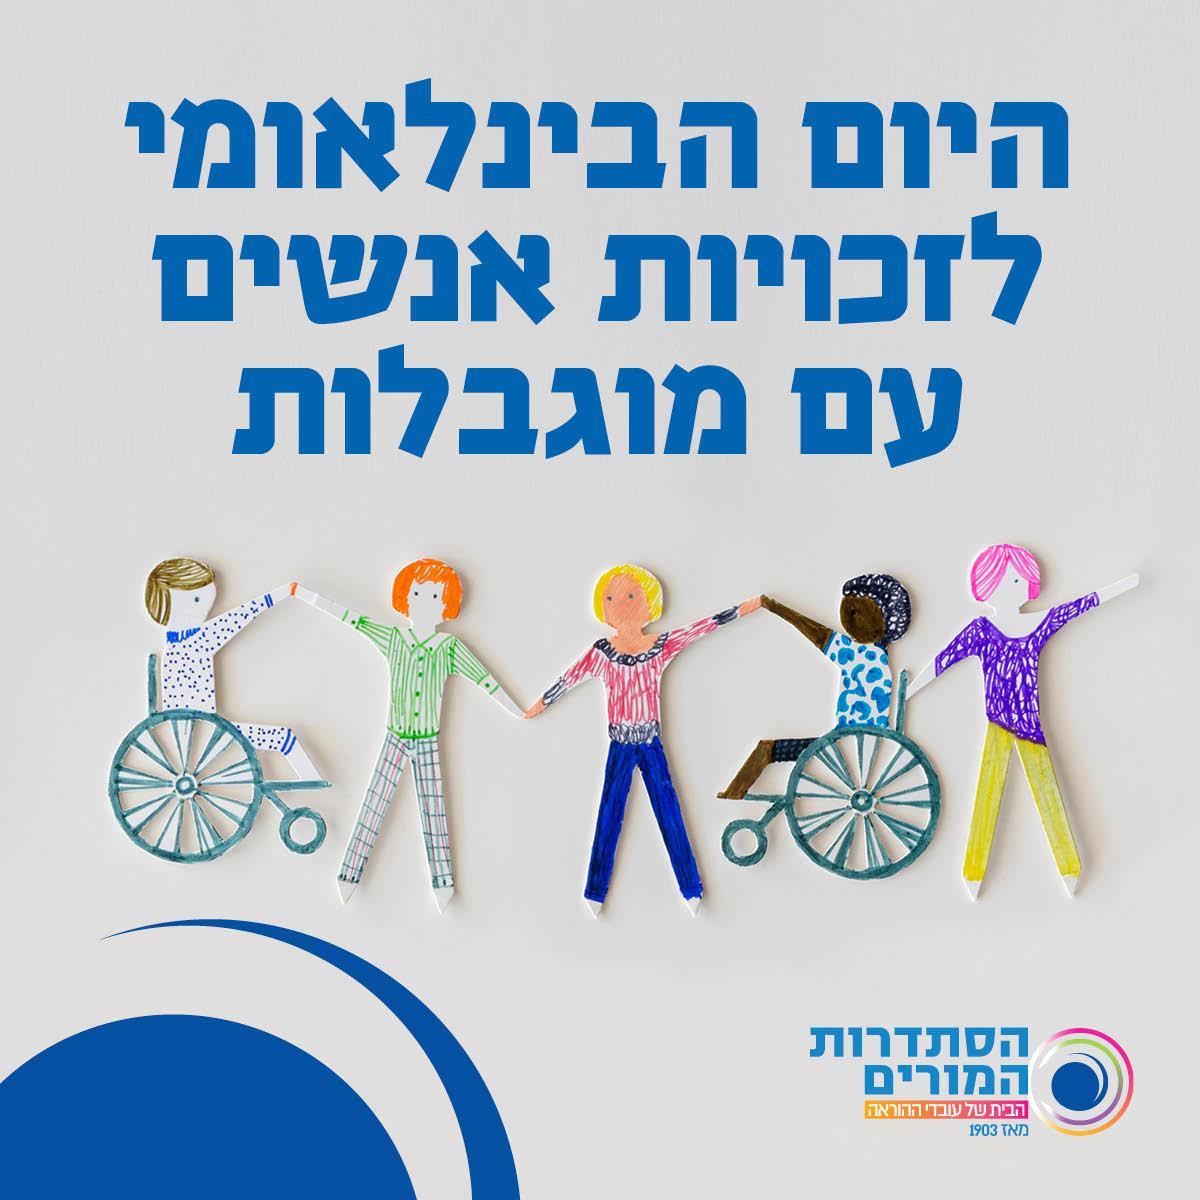 היום הבינלאומי לזכויות אנשים עם מוגבלויות